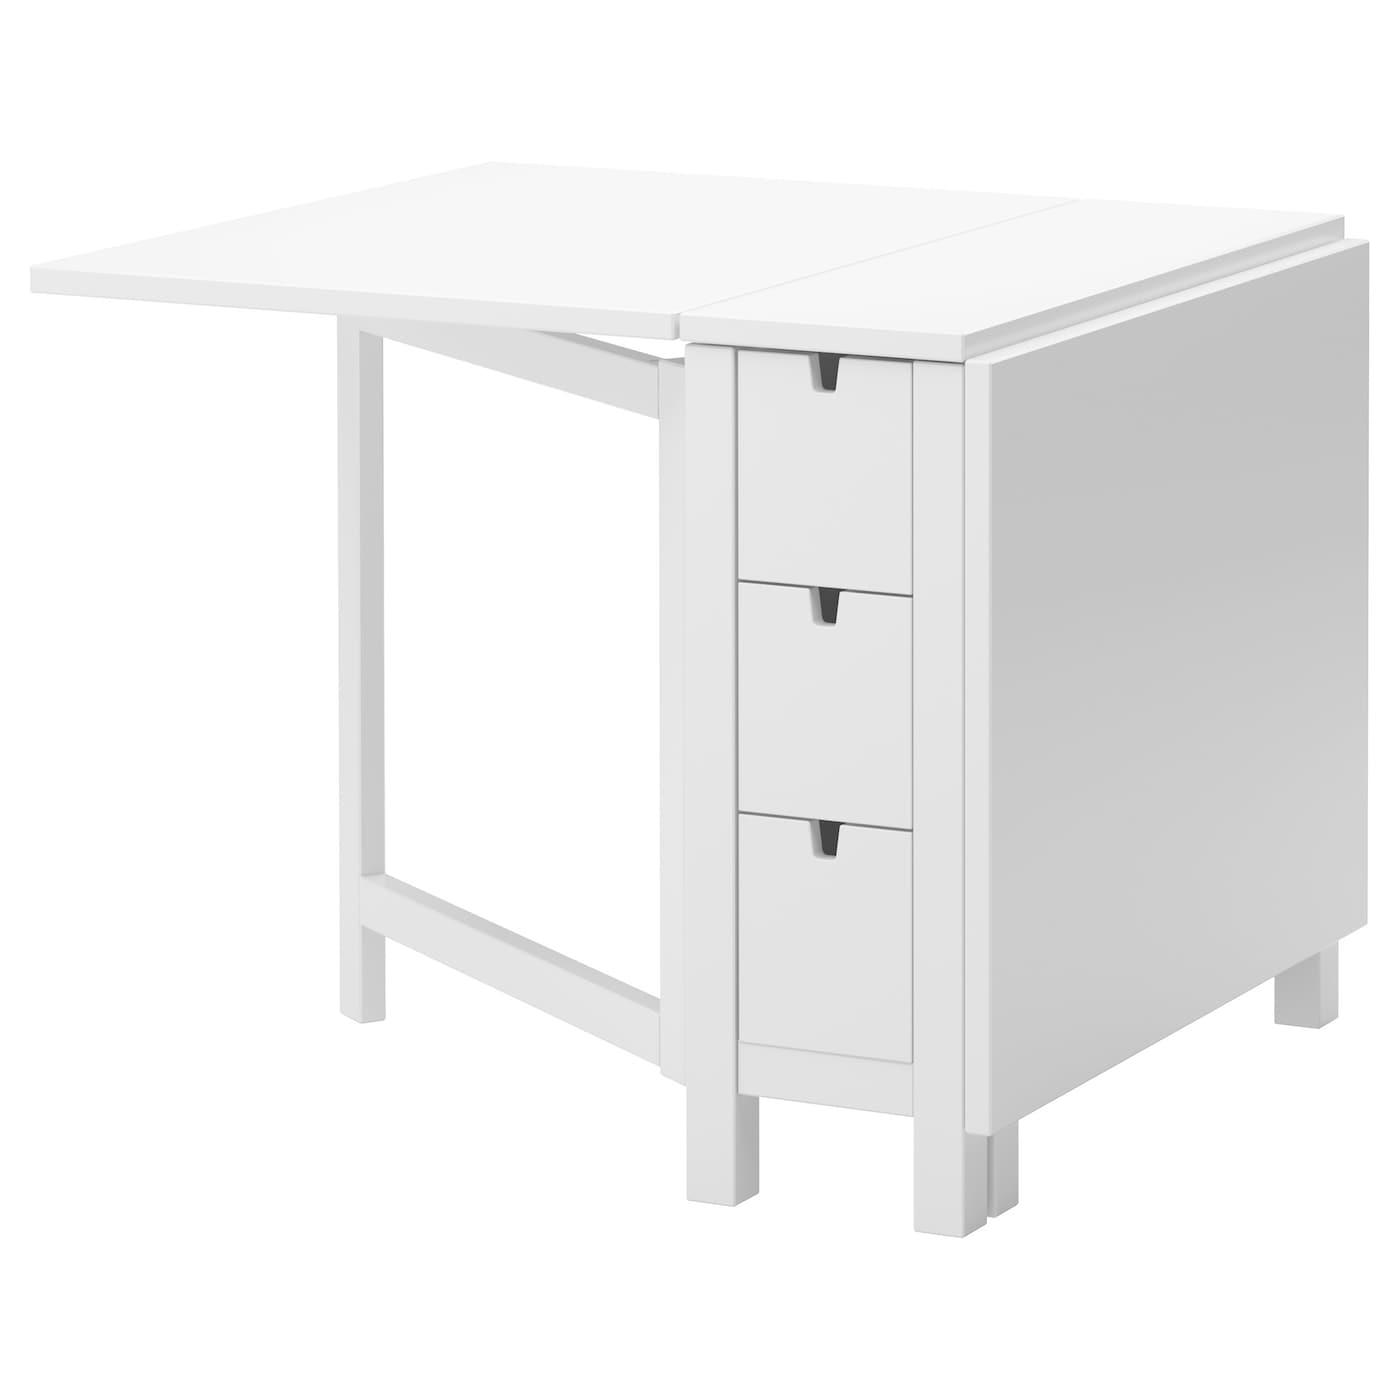 norden klaptafel wit 26 89 152x80 cm ikea. Black Bedroom Furniture Sets. Home Design Ideas